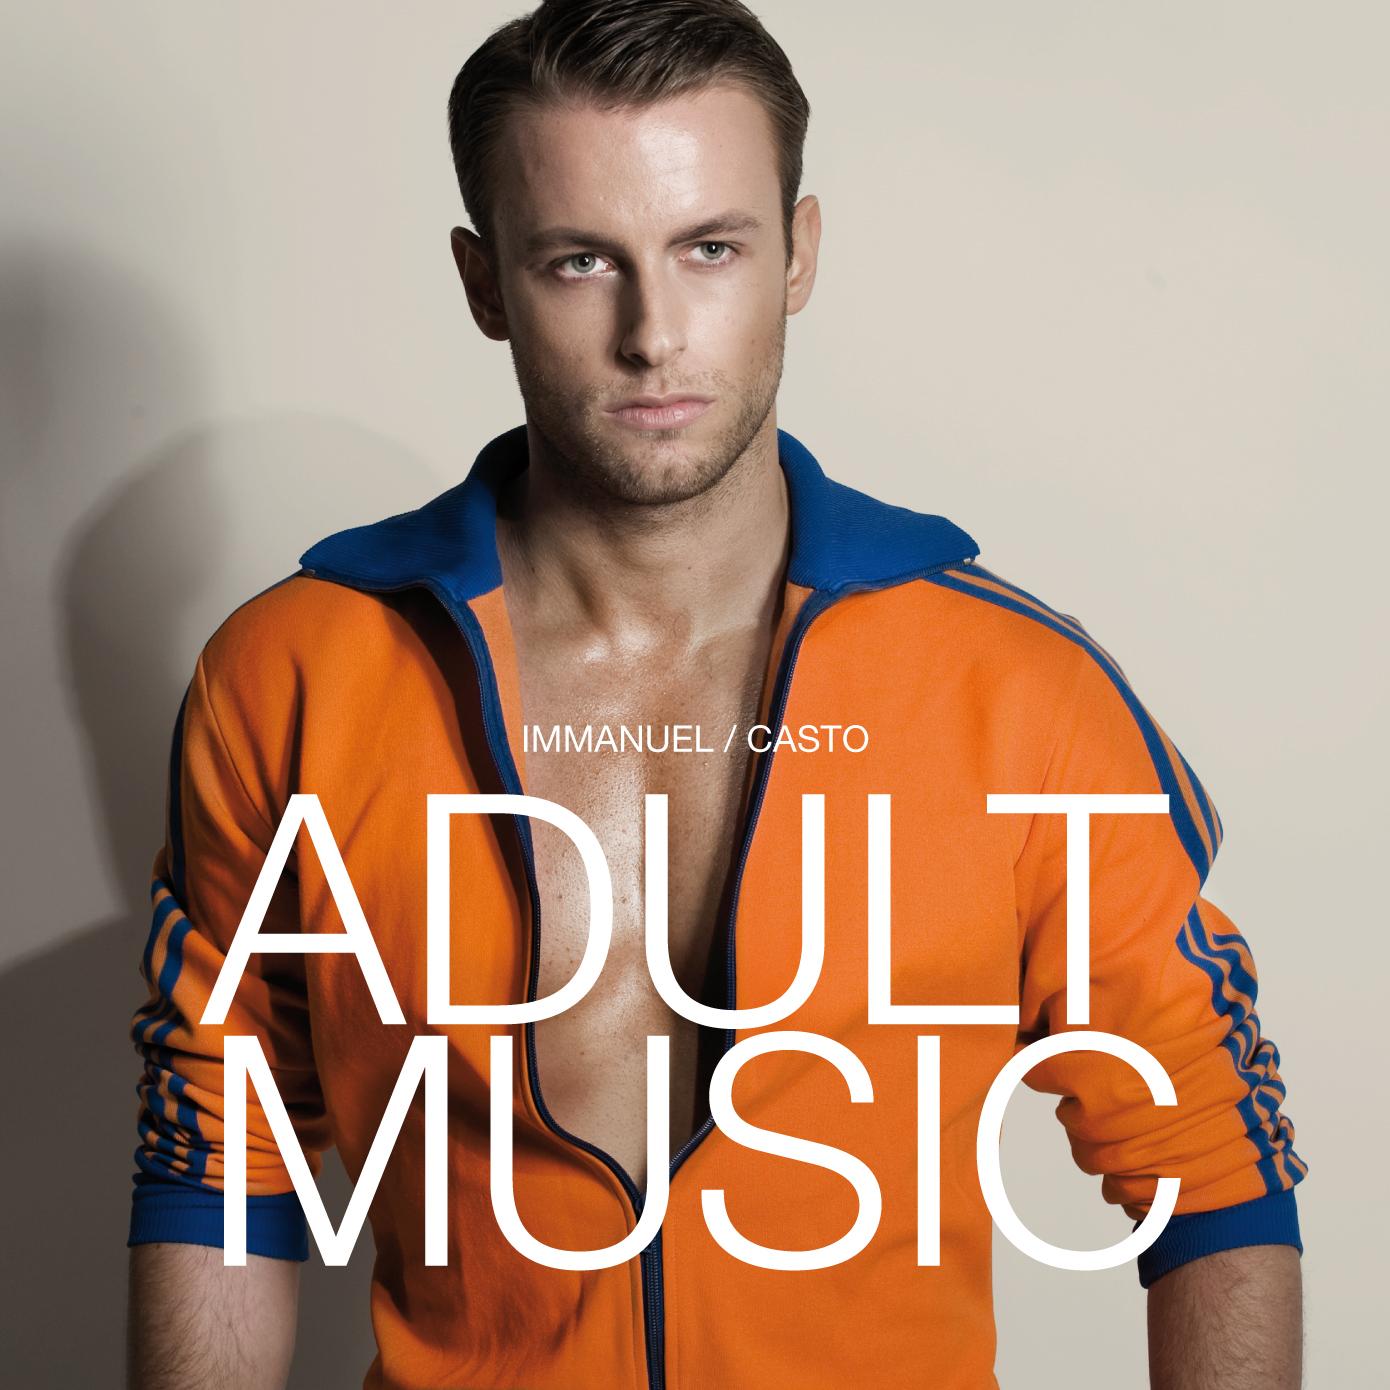 Esce ADULT MUSIC su JLe/Universal